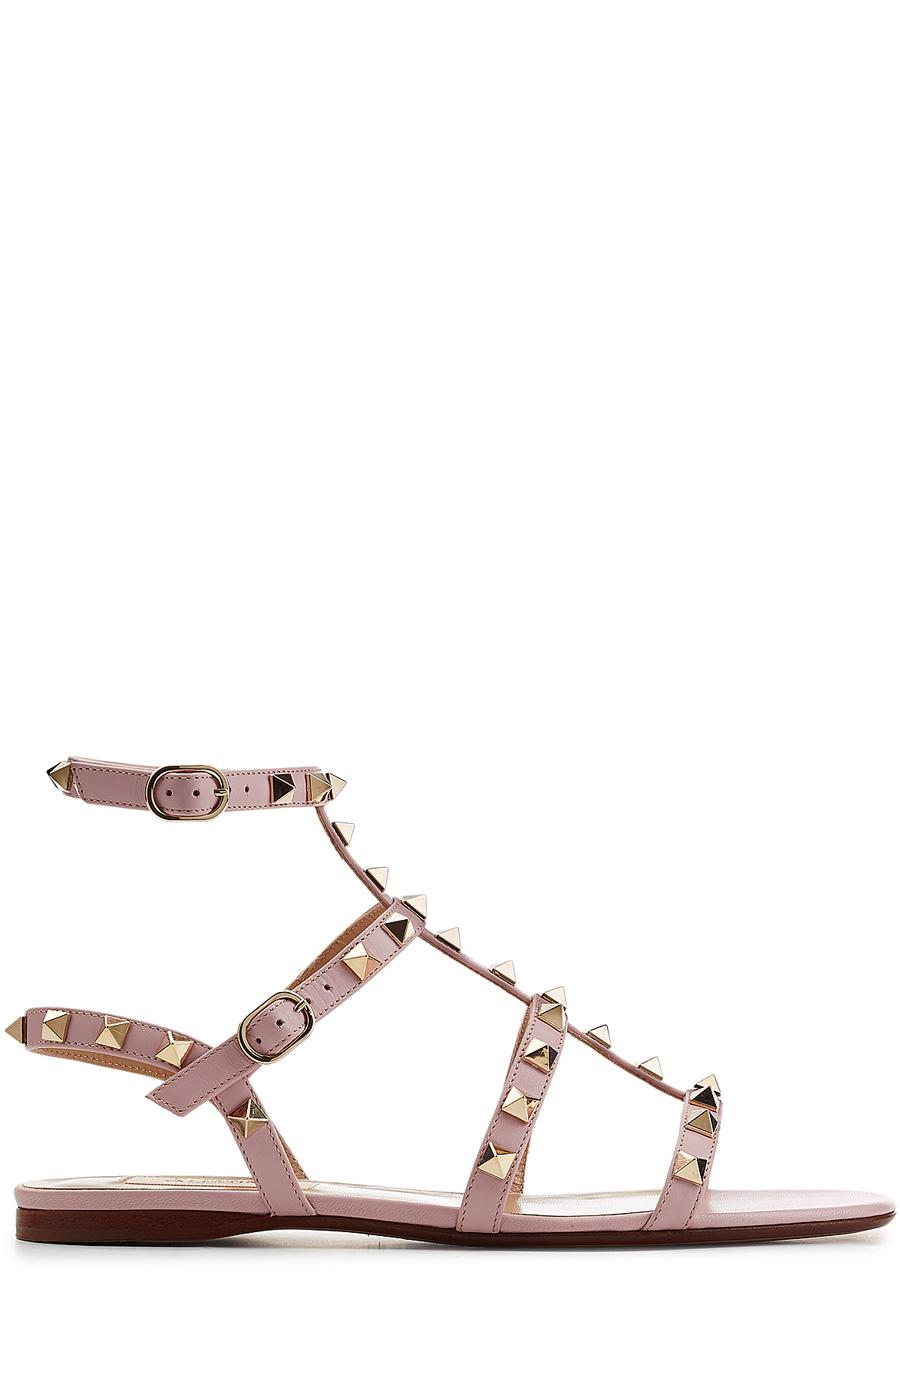 aaf30c70f8cb9 Valentino Rockstud Flat Leather Sandals In Khaki